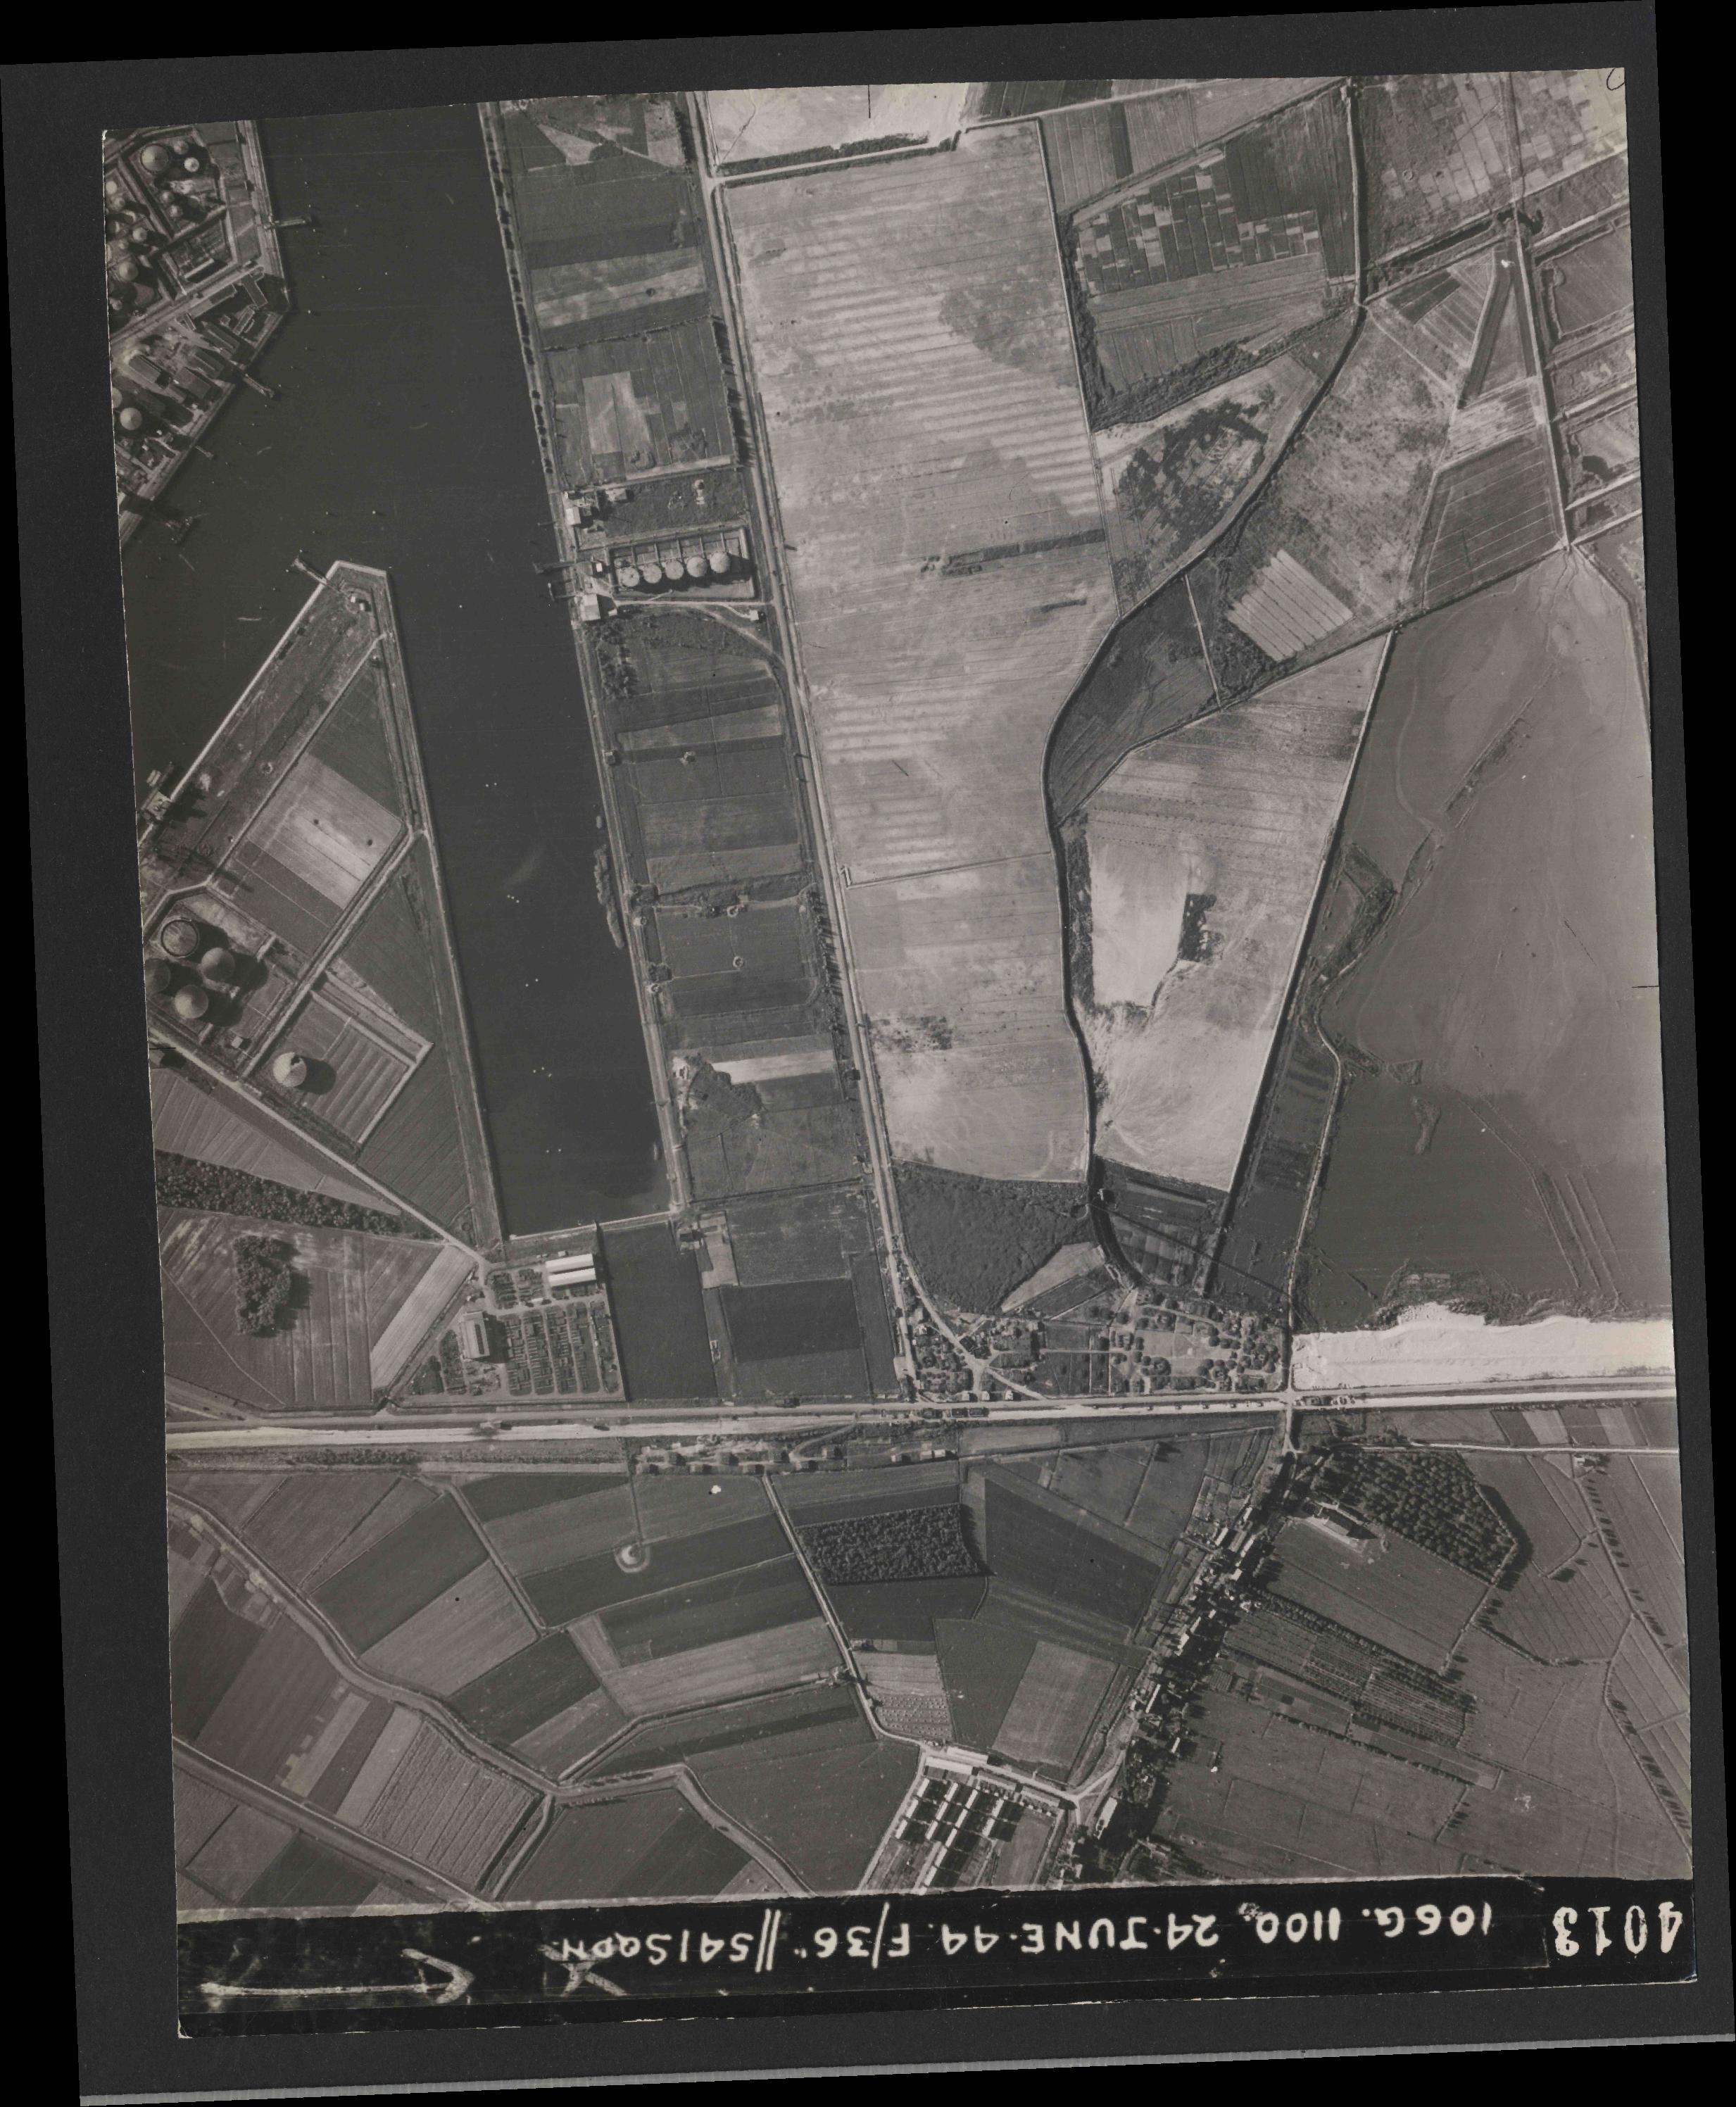 Collection RAF aerial photos 1940-1945 - flight 160, run 04, photo 4013